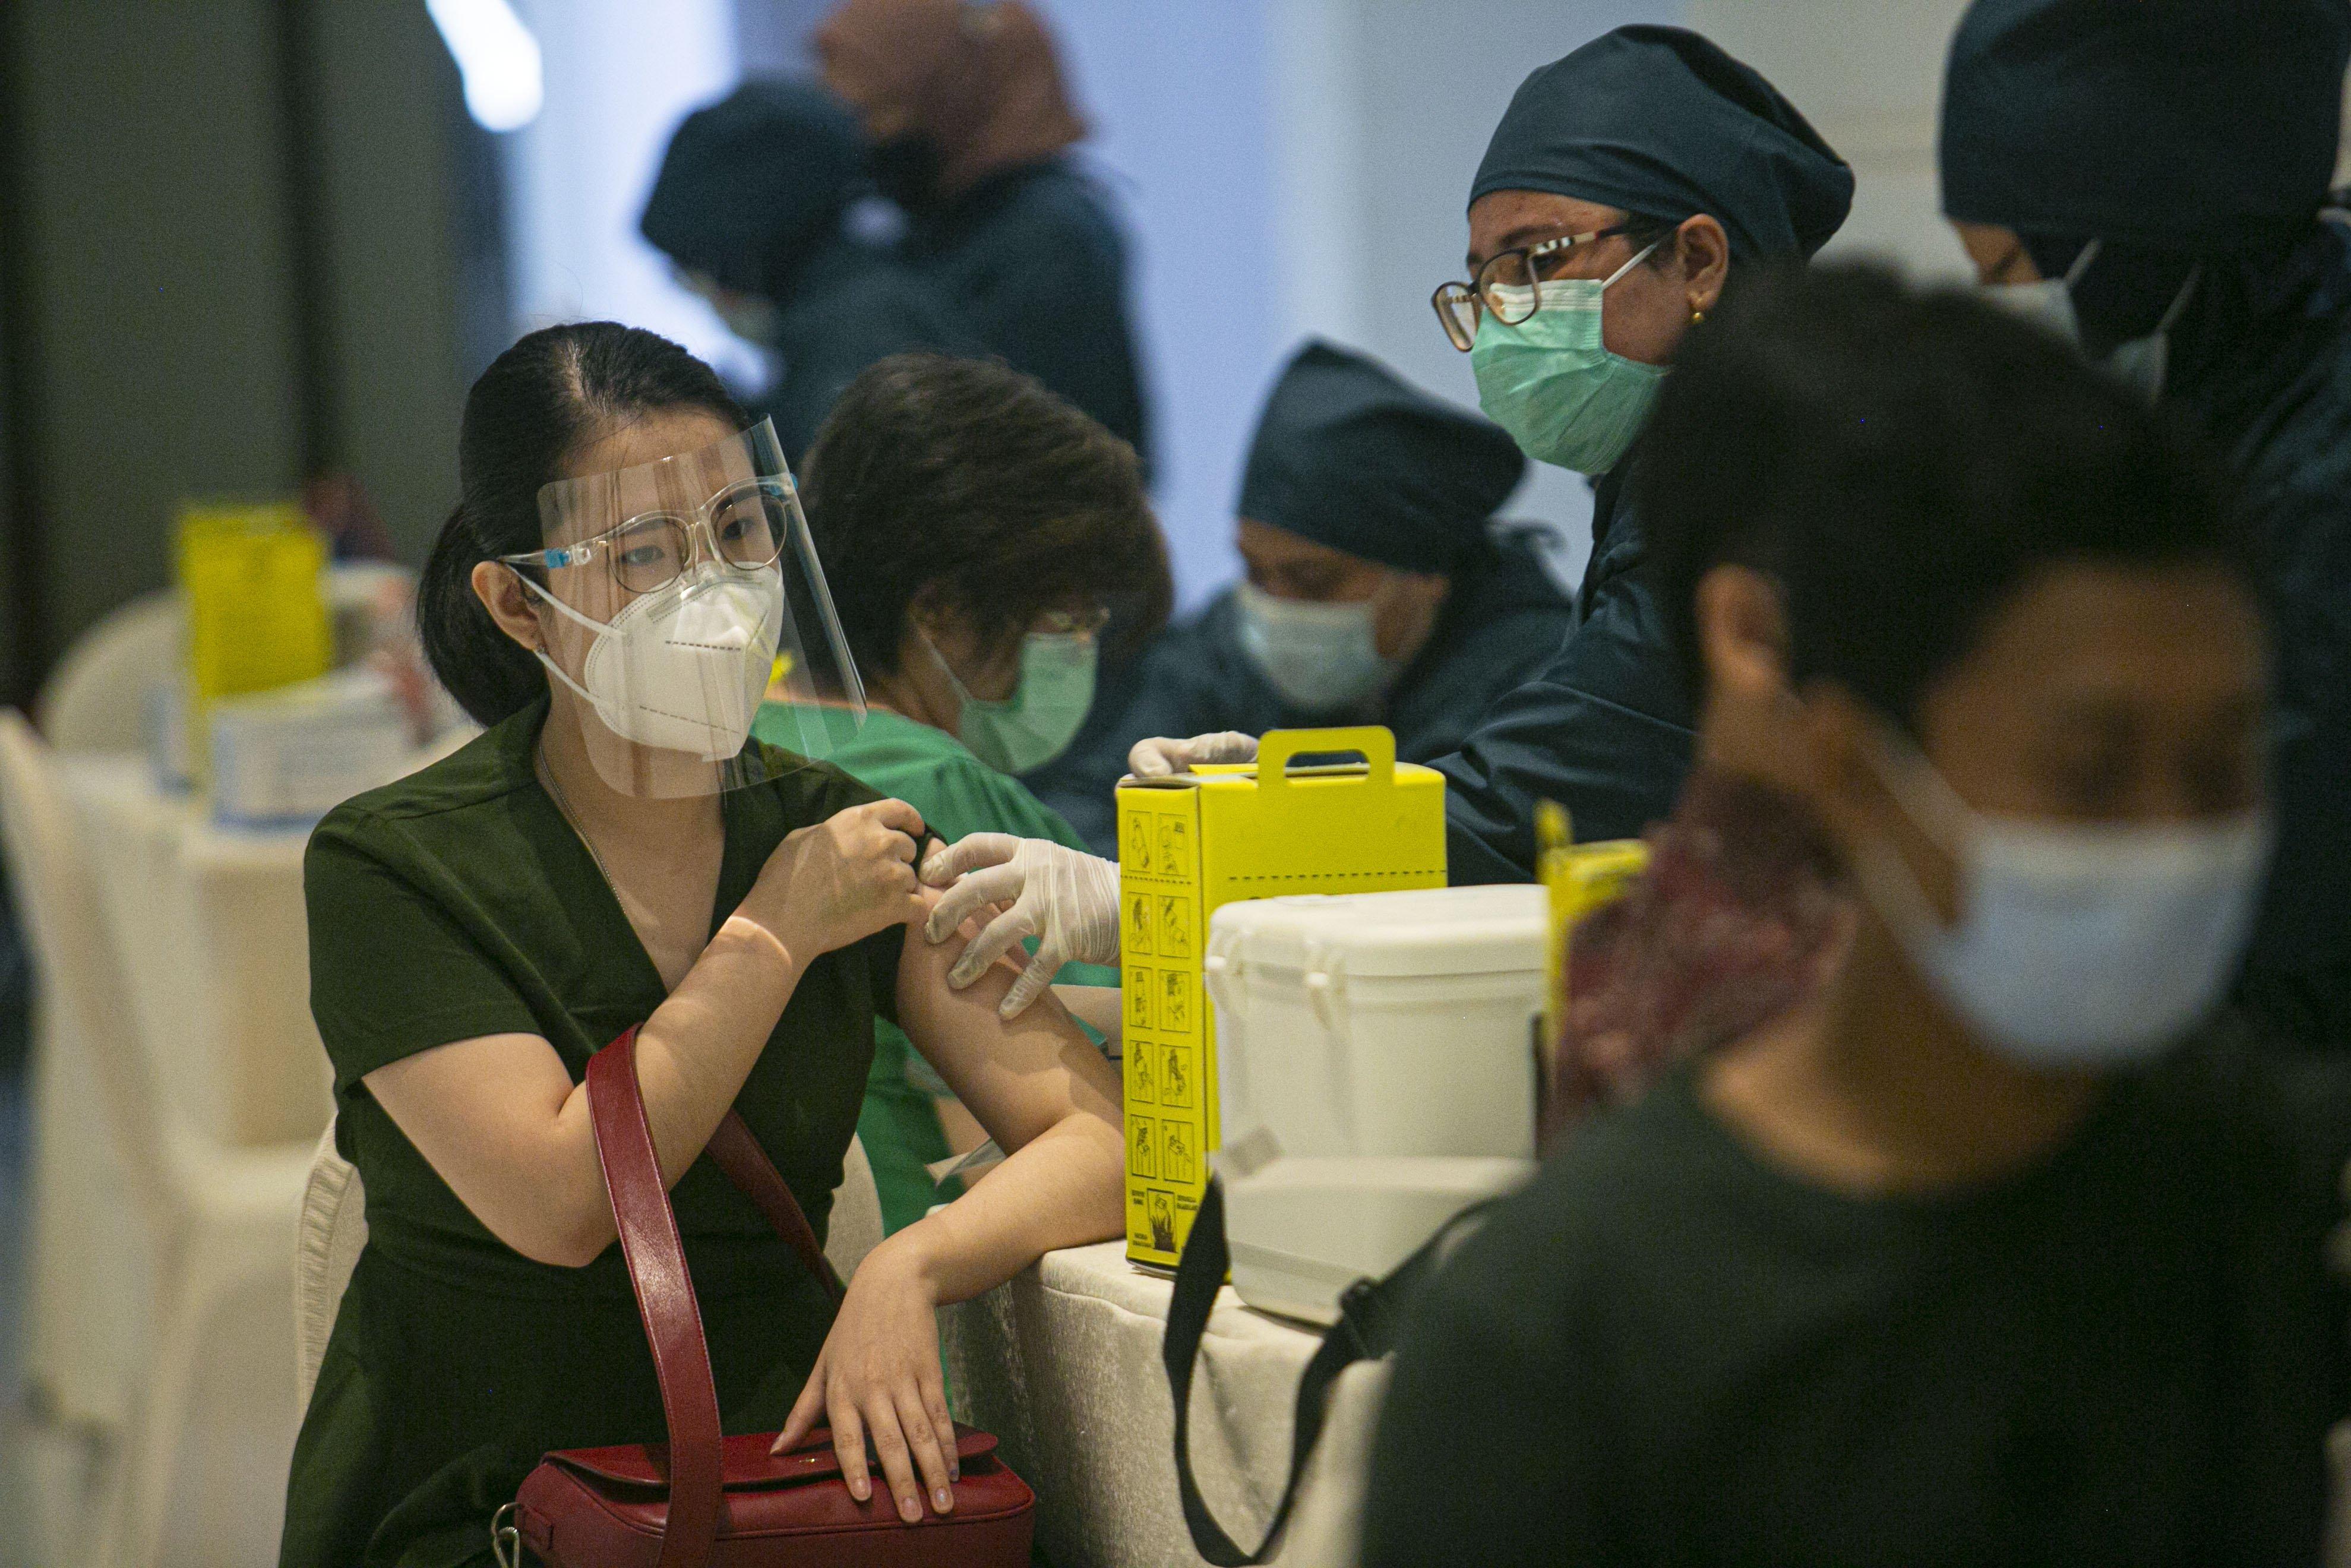 Petugas medis menyuntikan vaksin COVID-19 kepada pelaku UMKM di Ciputra Artpreneur, Jakarta, Kamis (1/4/2021). Kementerian Koperasi dan Usaha Kecil dan Menengah menyelenggarakan vaksinasi COVID-19 massal bagi 1.500 pelaku Usaha mikro kecil menengah (UMKM) di DKI Jakarta dengan target vaksinasi untuk pelaku UMKM tersebut mencapai 250.000 orang.